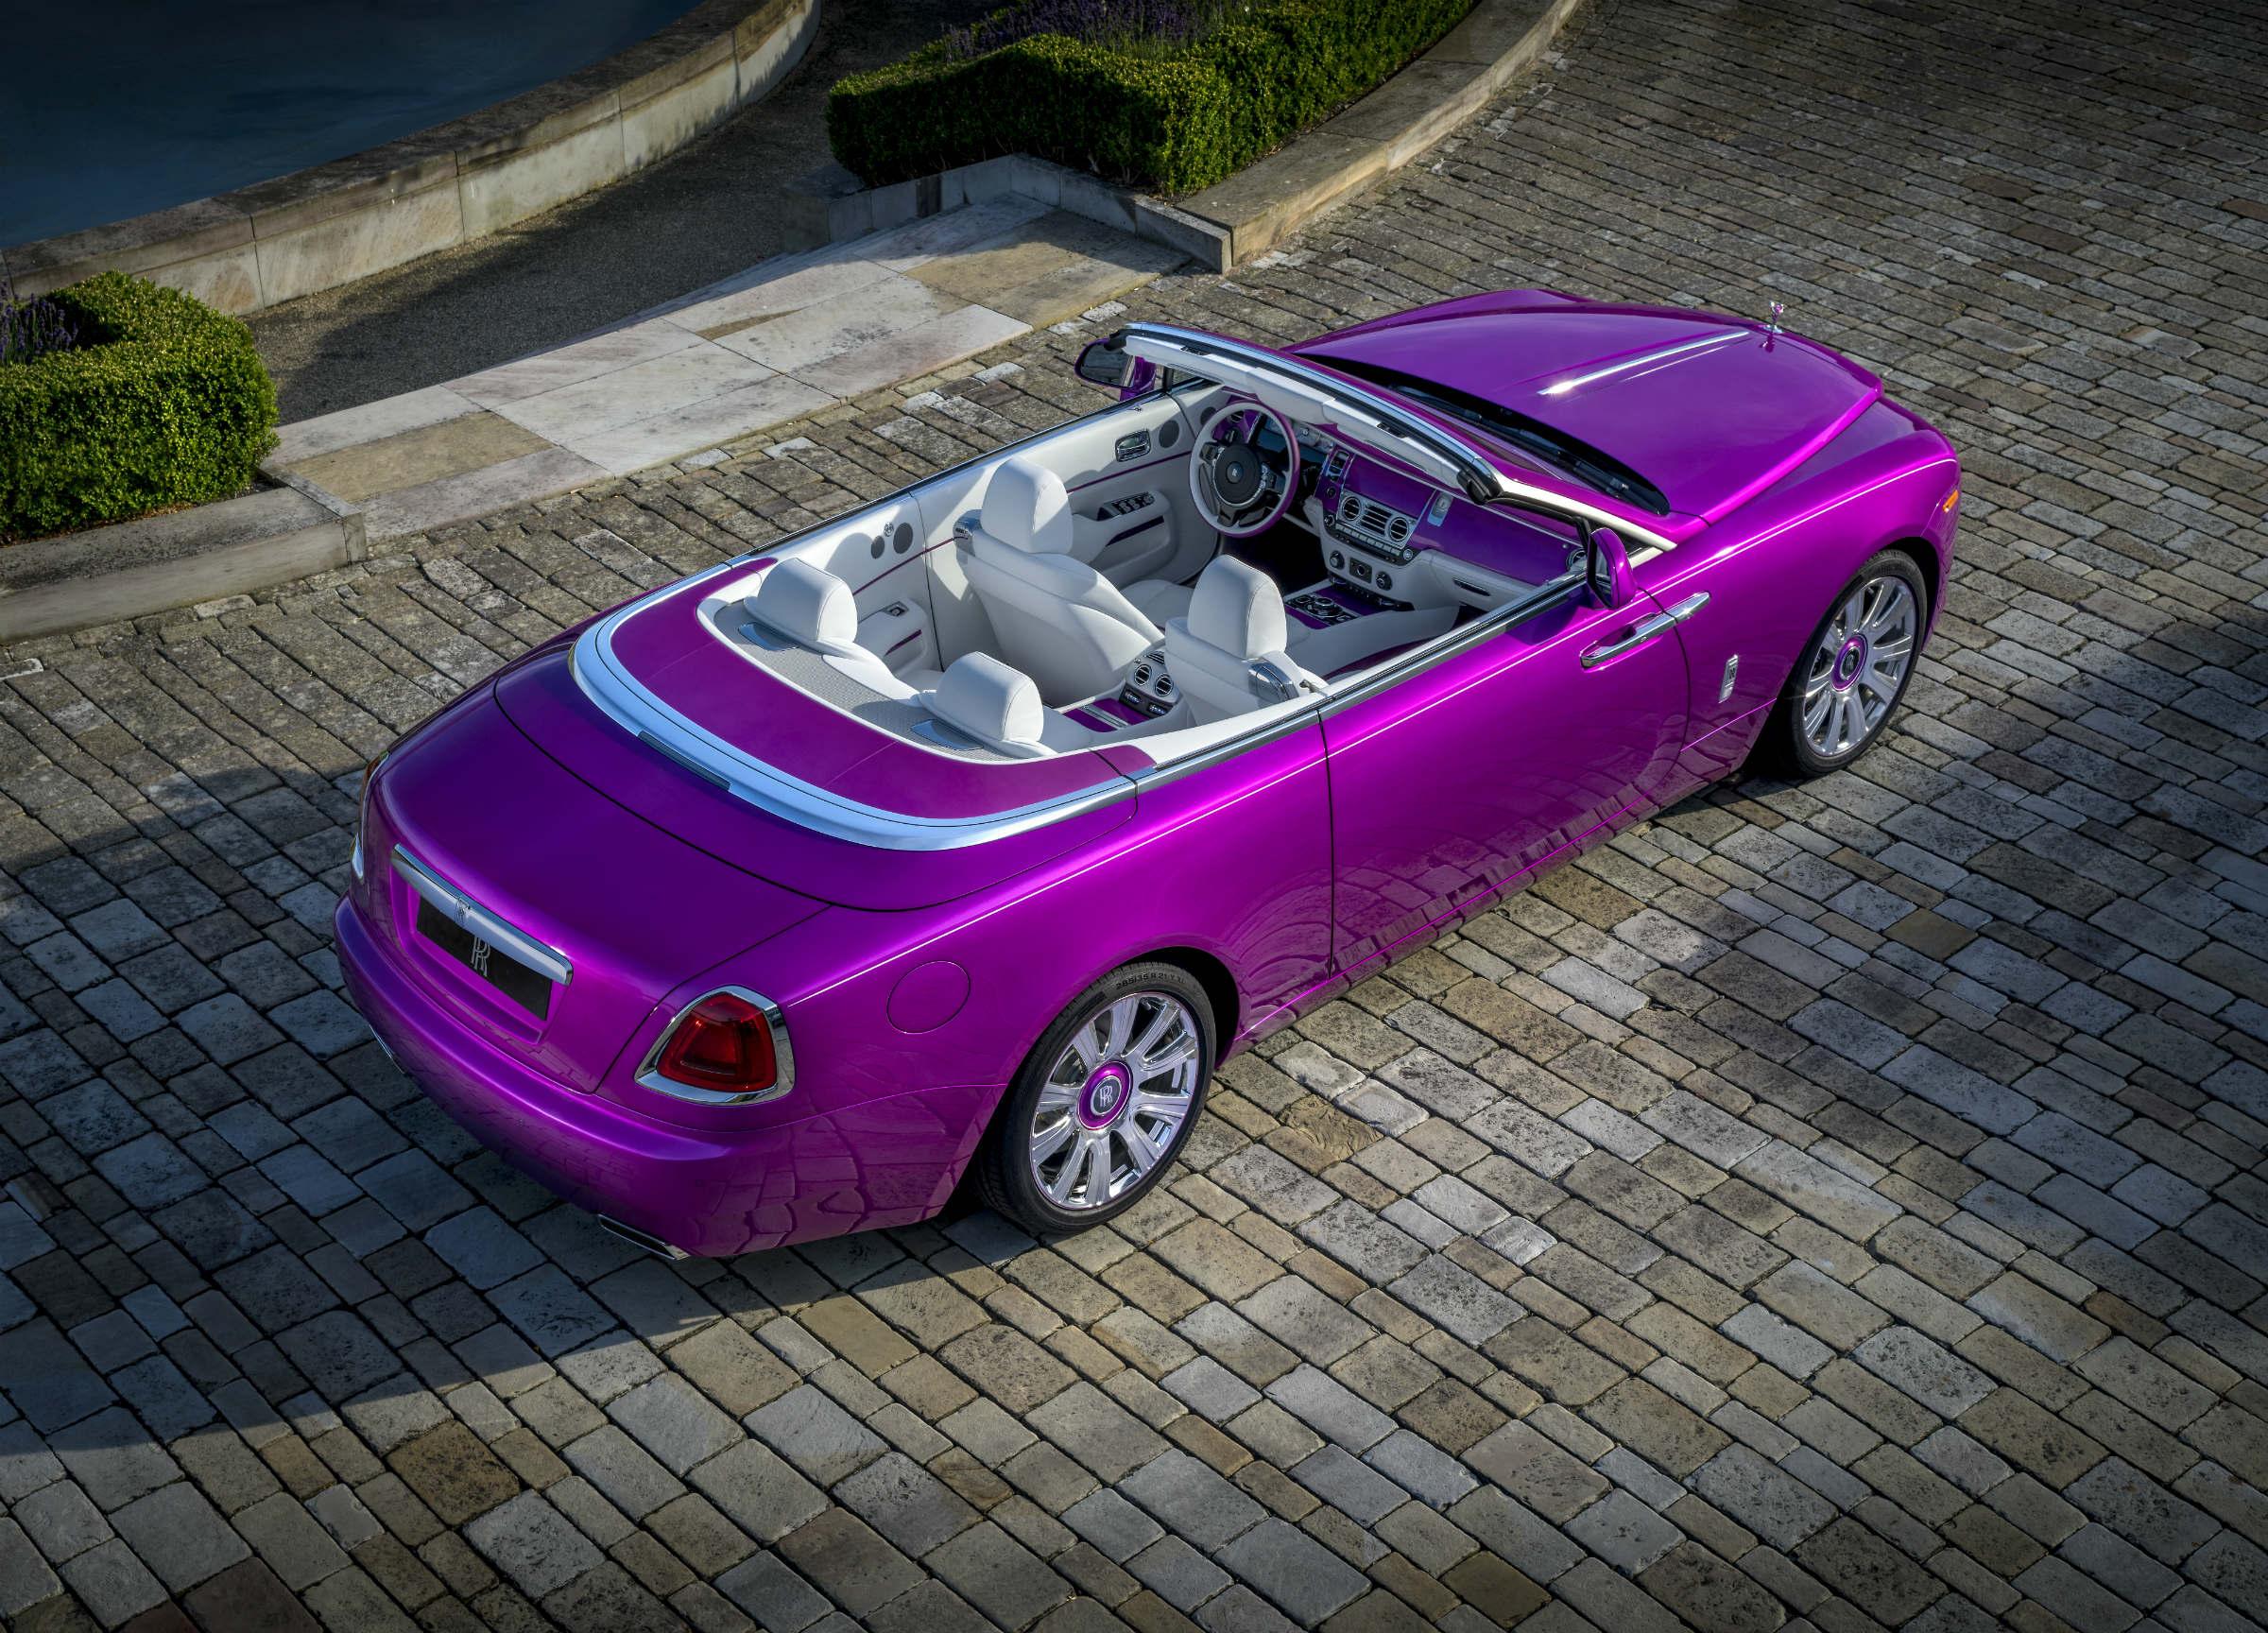 Rolls Royce Bespoke